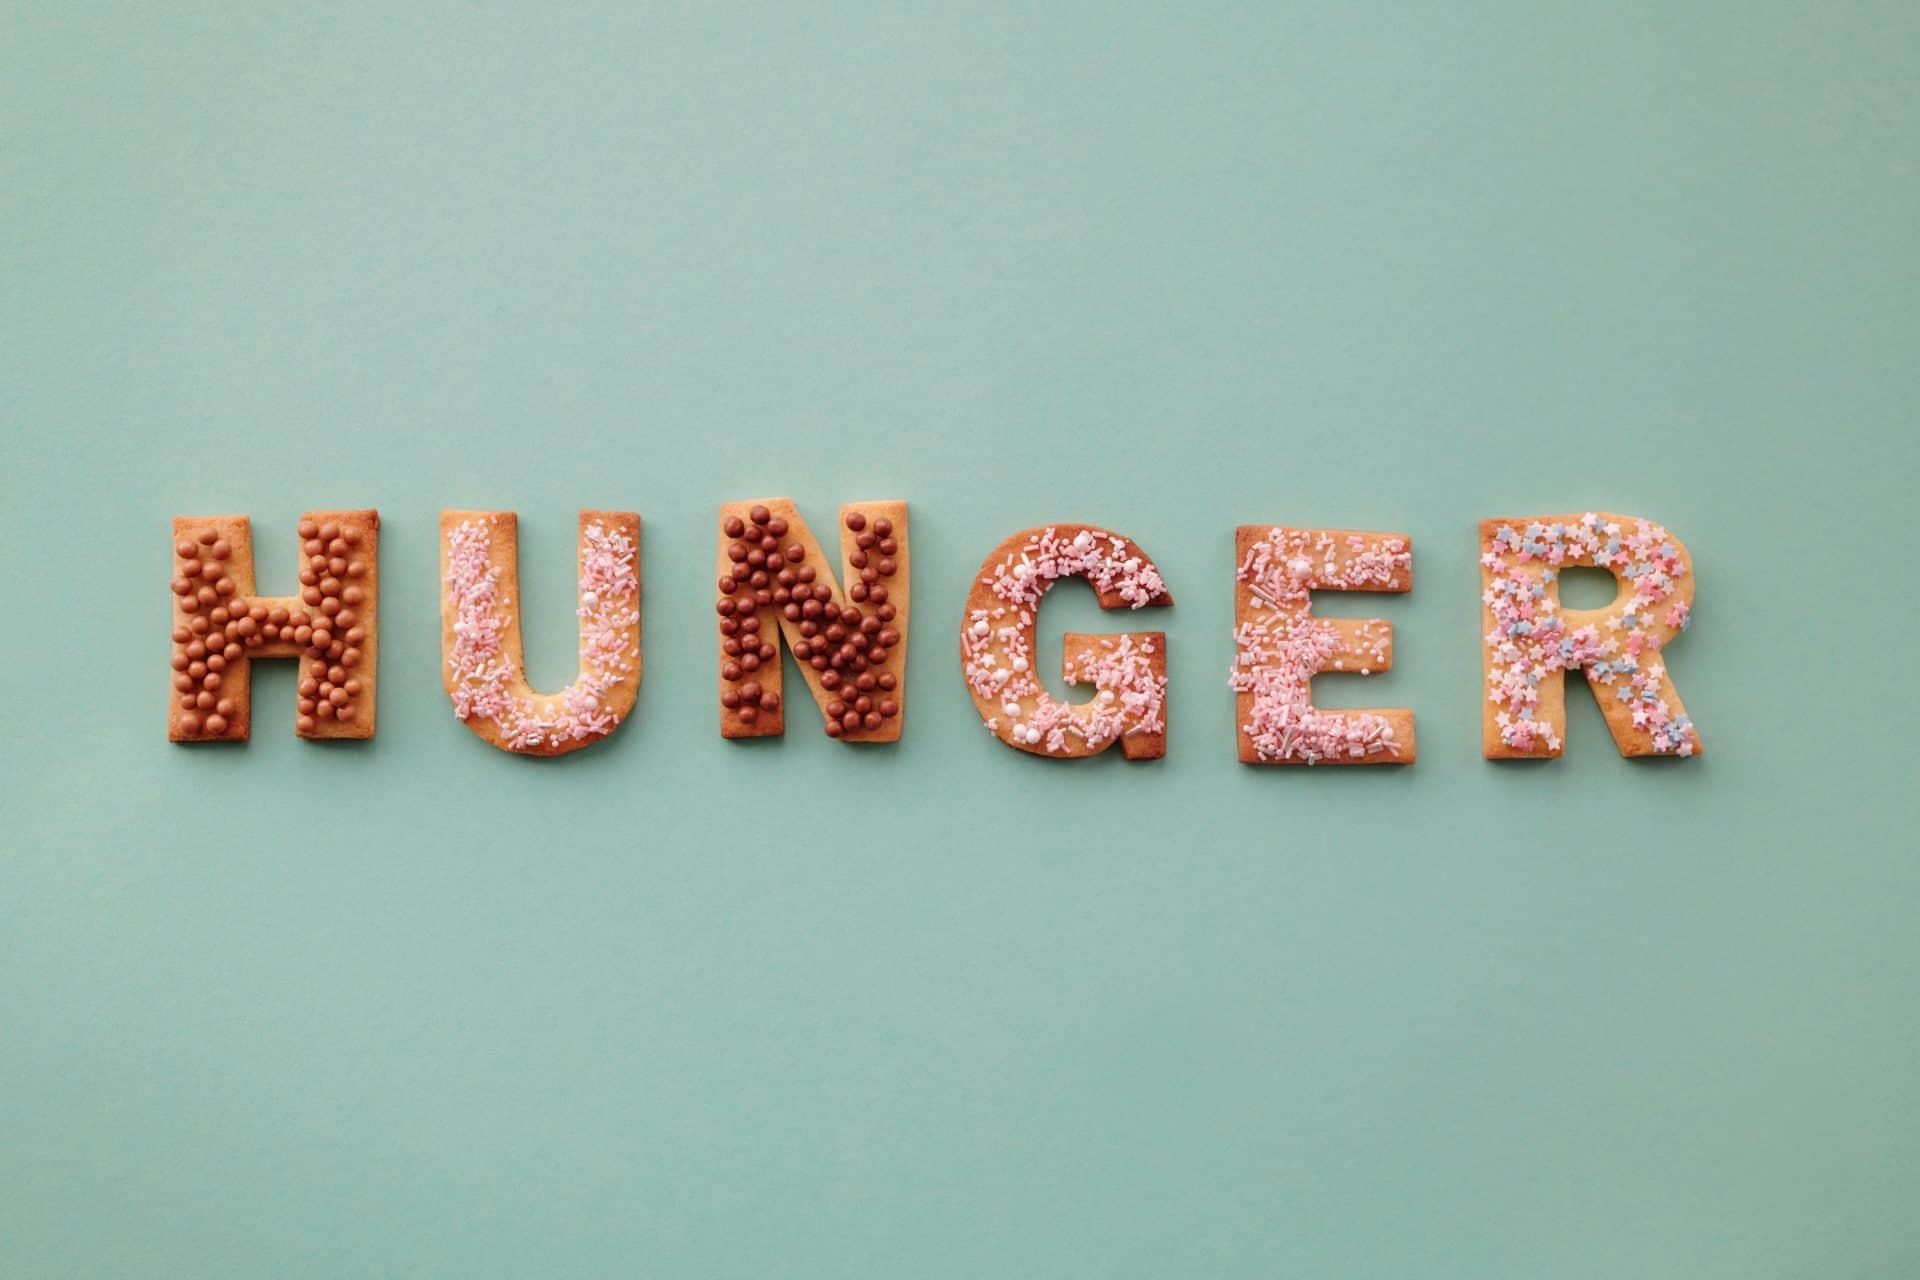 Hunger auf Kekse